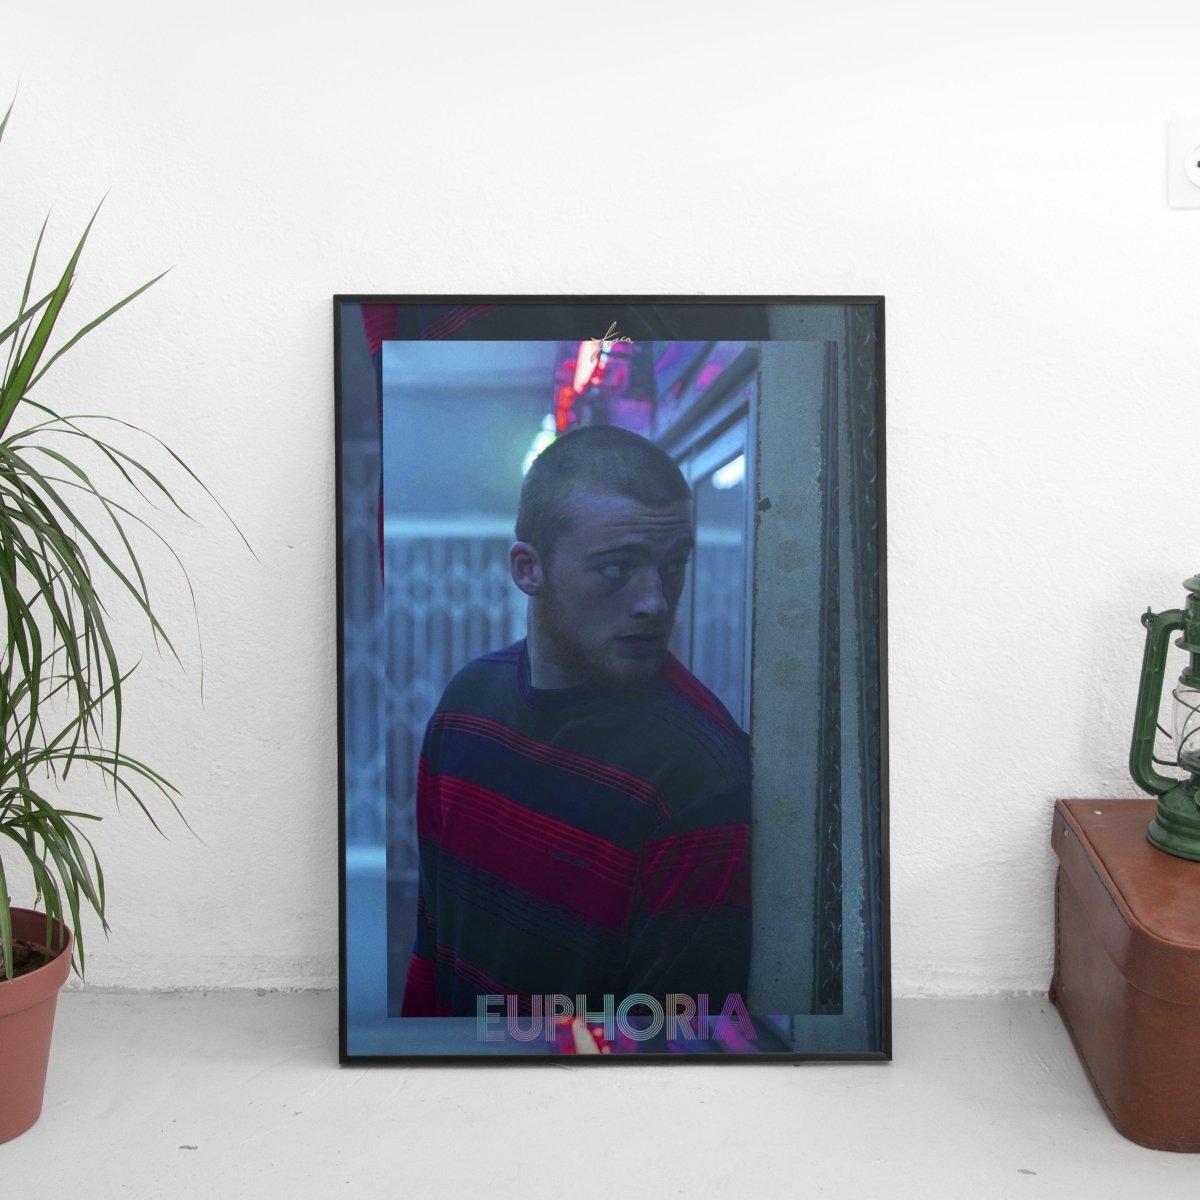 Fezco (Euphoria) Poster